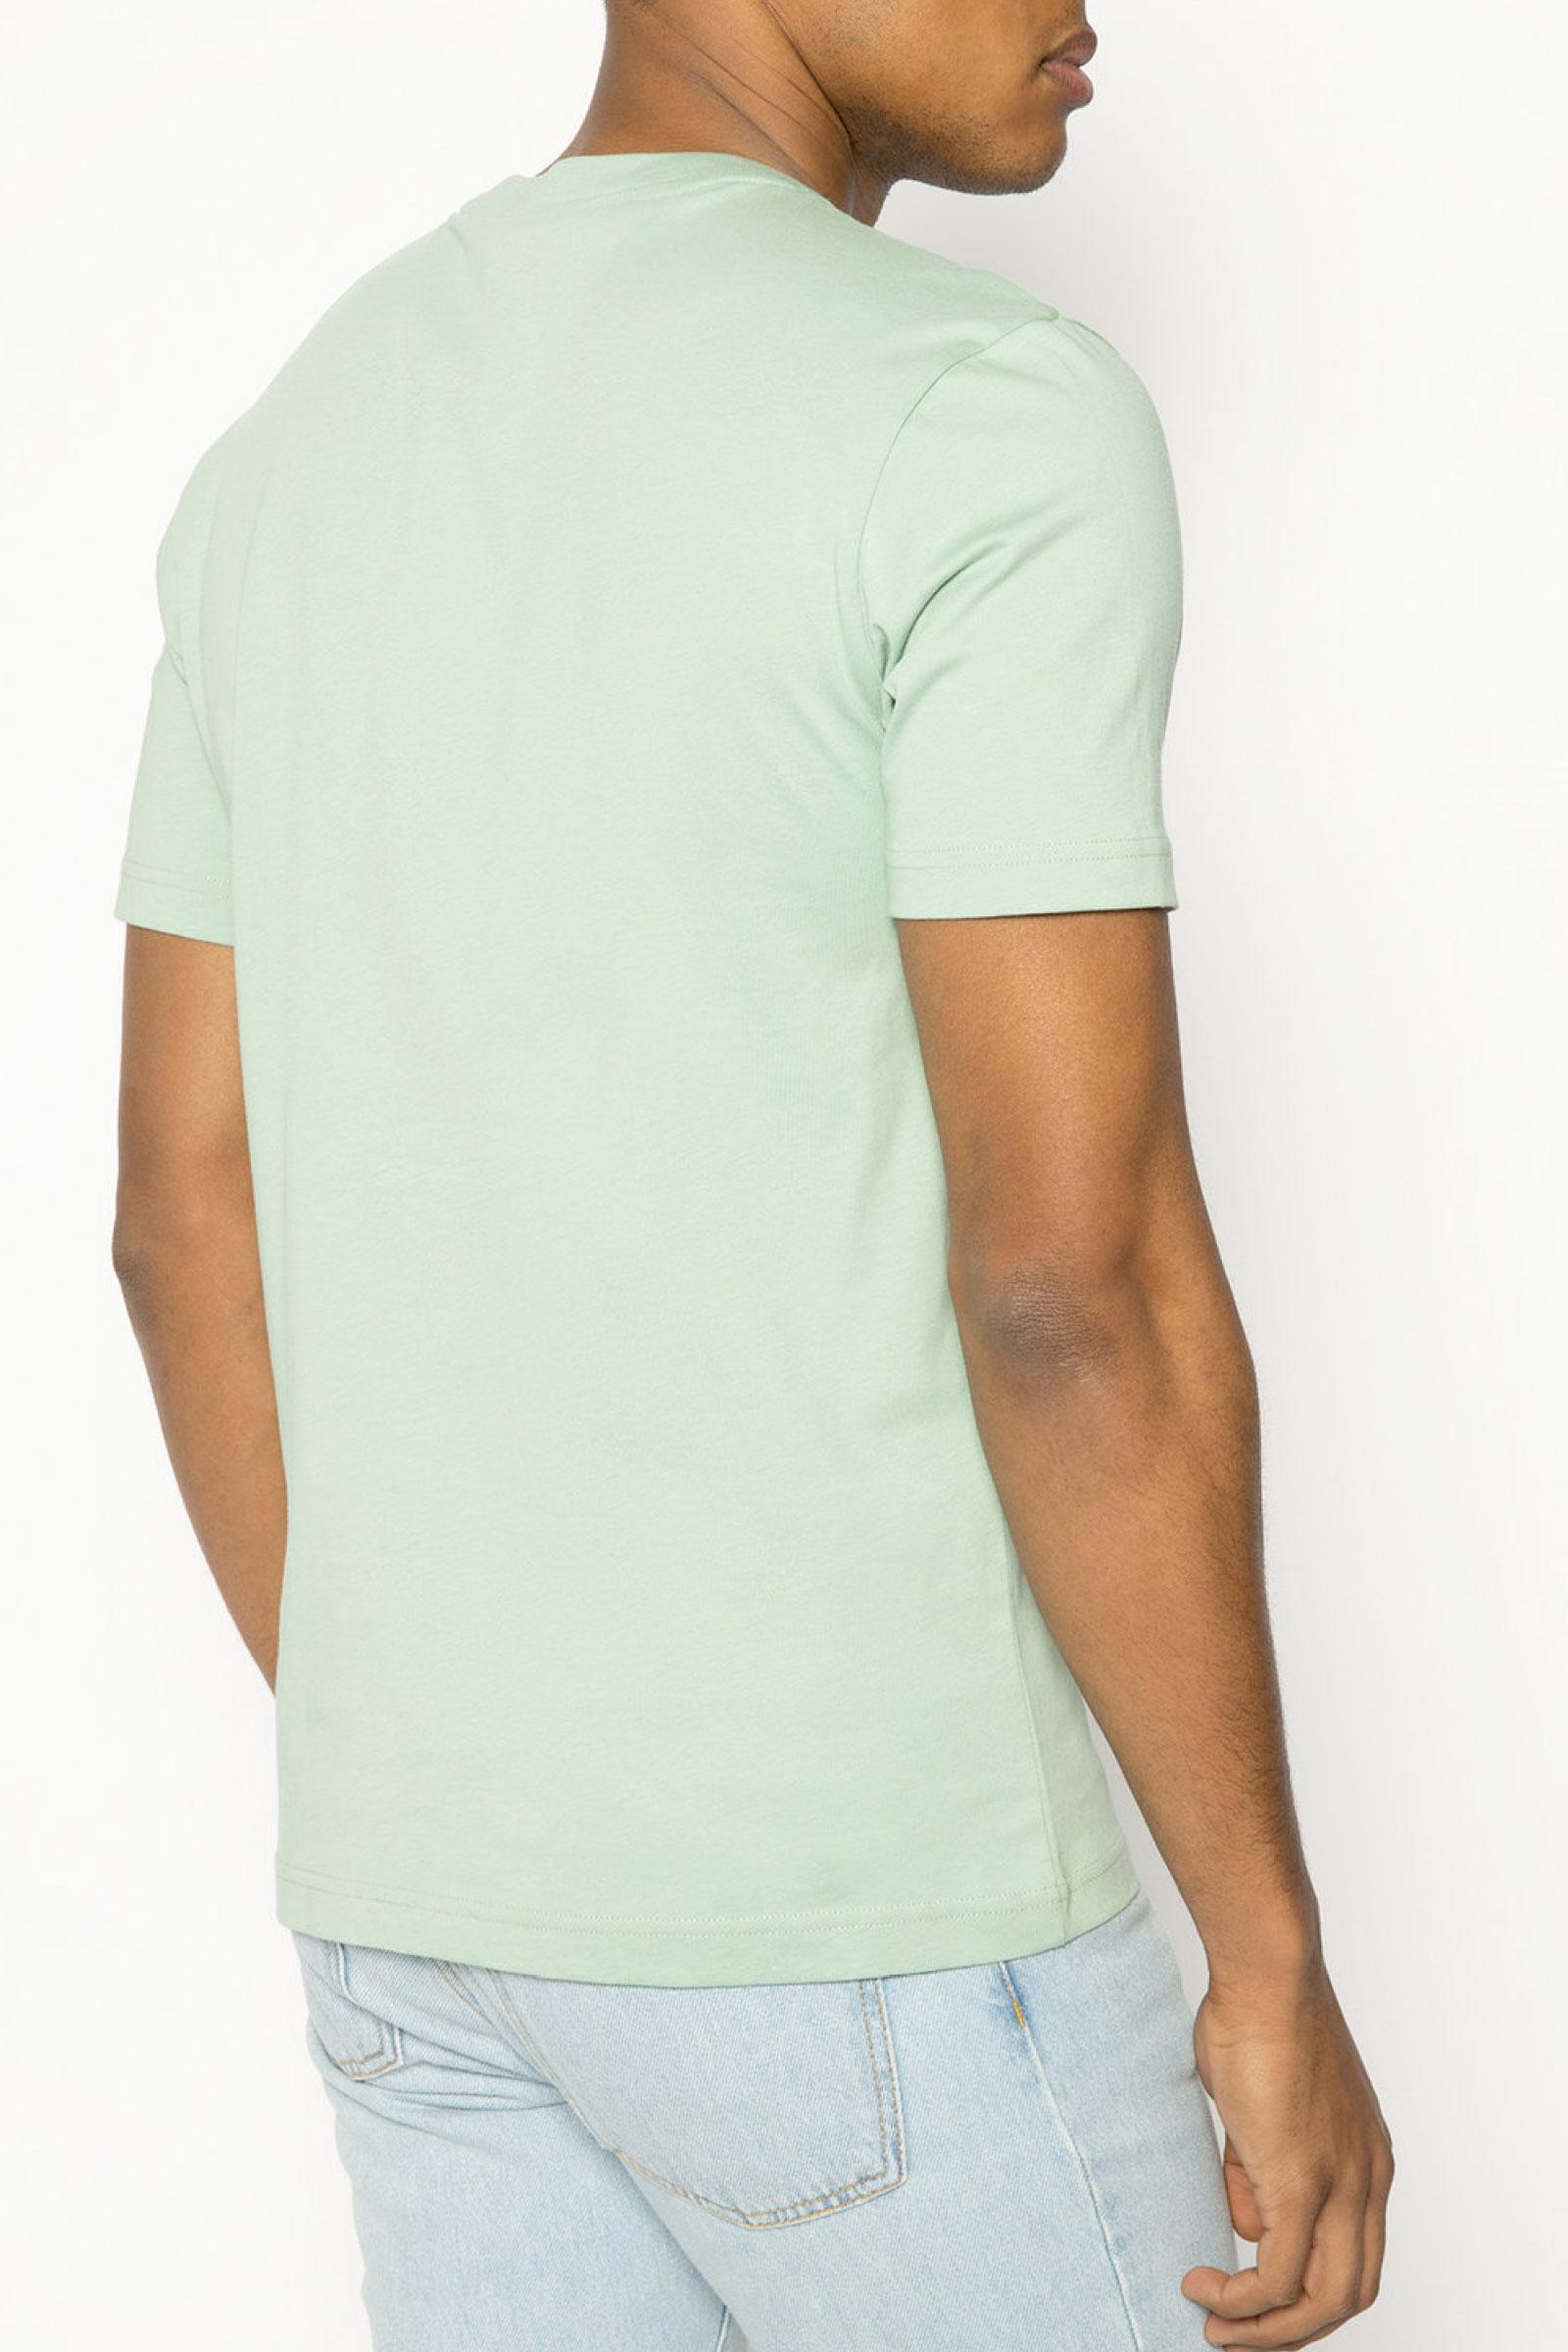 CALVIN KLEIN T-Shirt Uomo CALVIN KLEIN   T-Shirt   K10K103307MSS